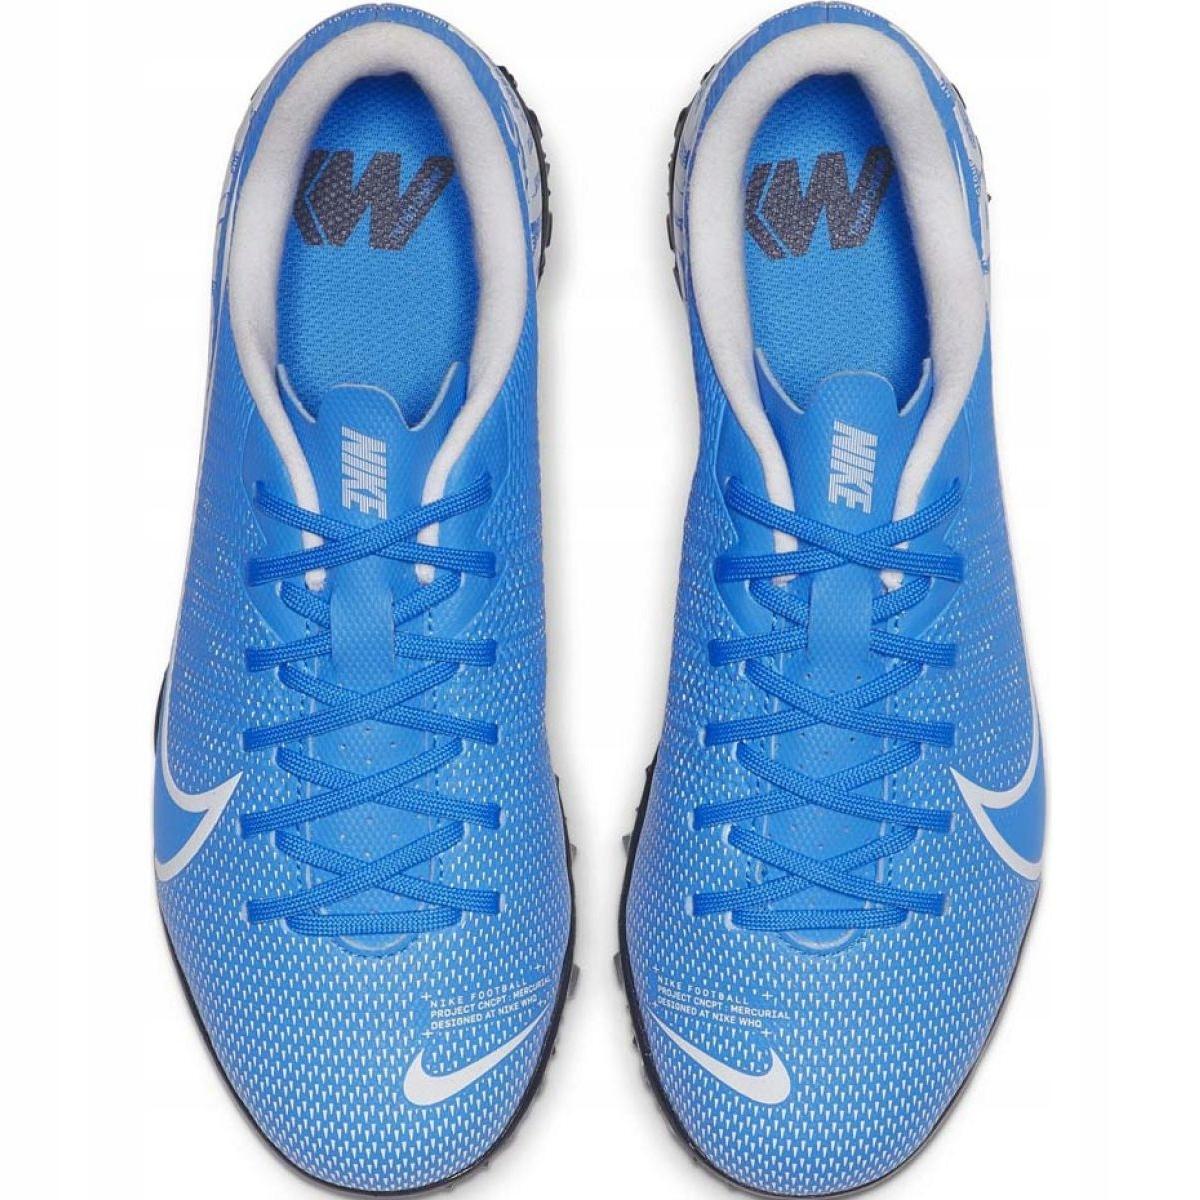 Scarpe da calcio Nike Mercurial Vapor 13 Academy Tf Jr